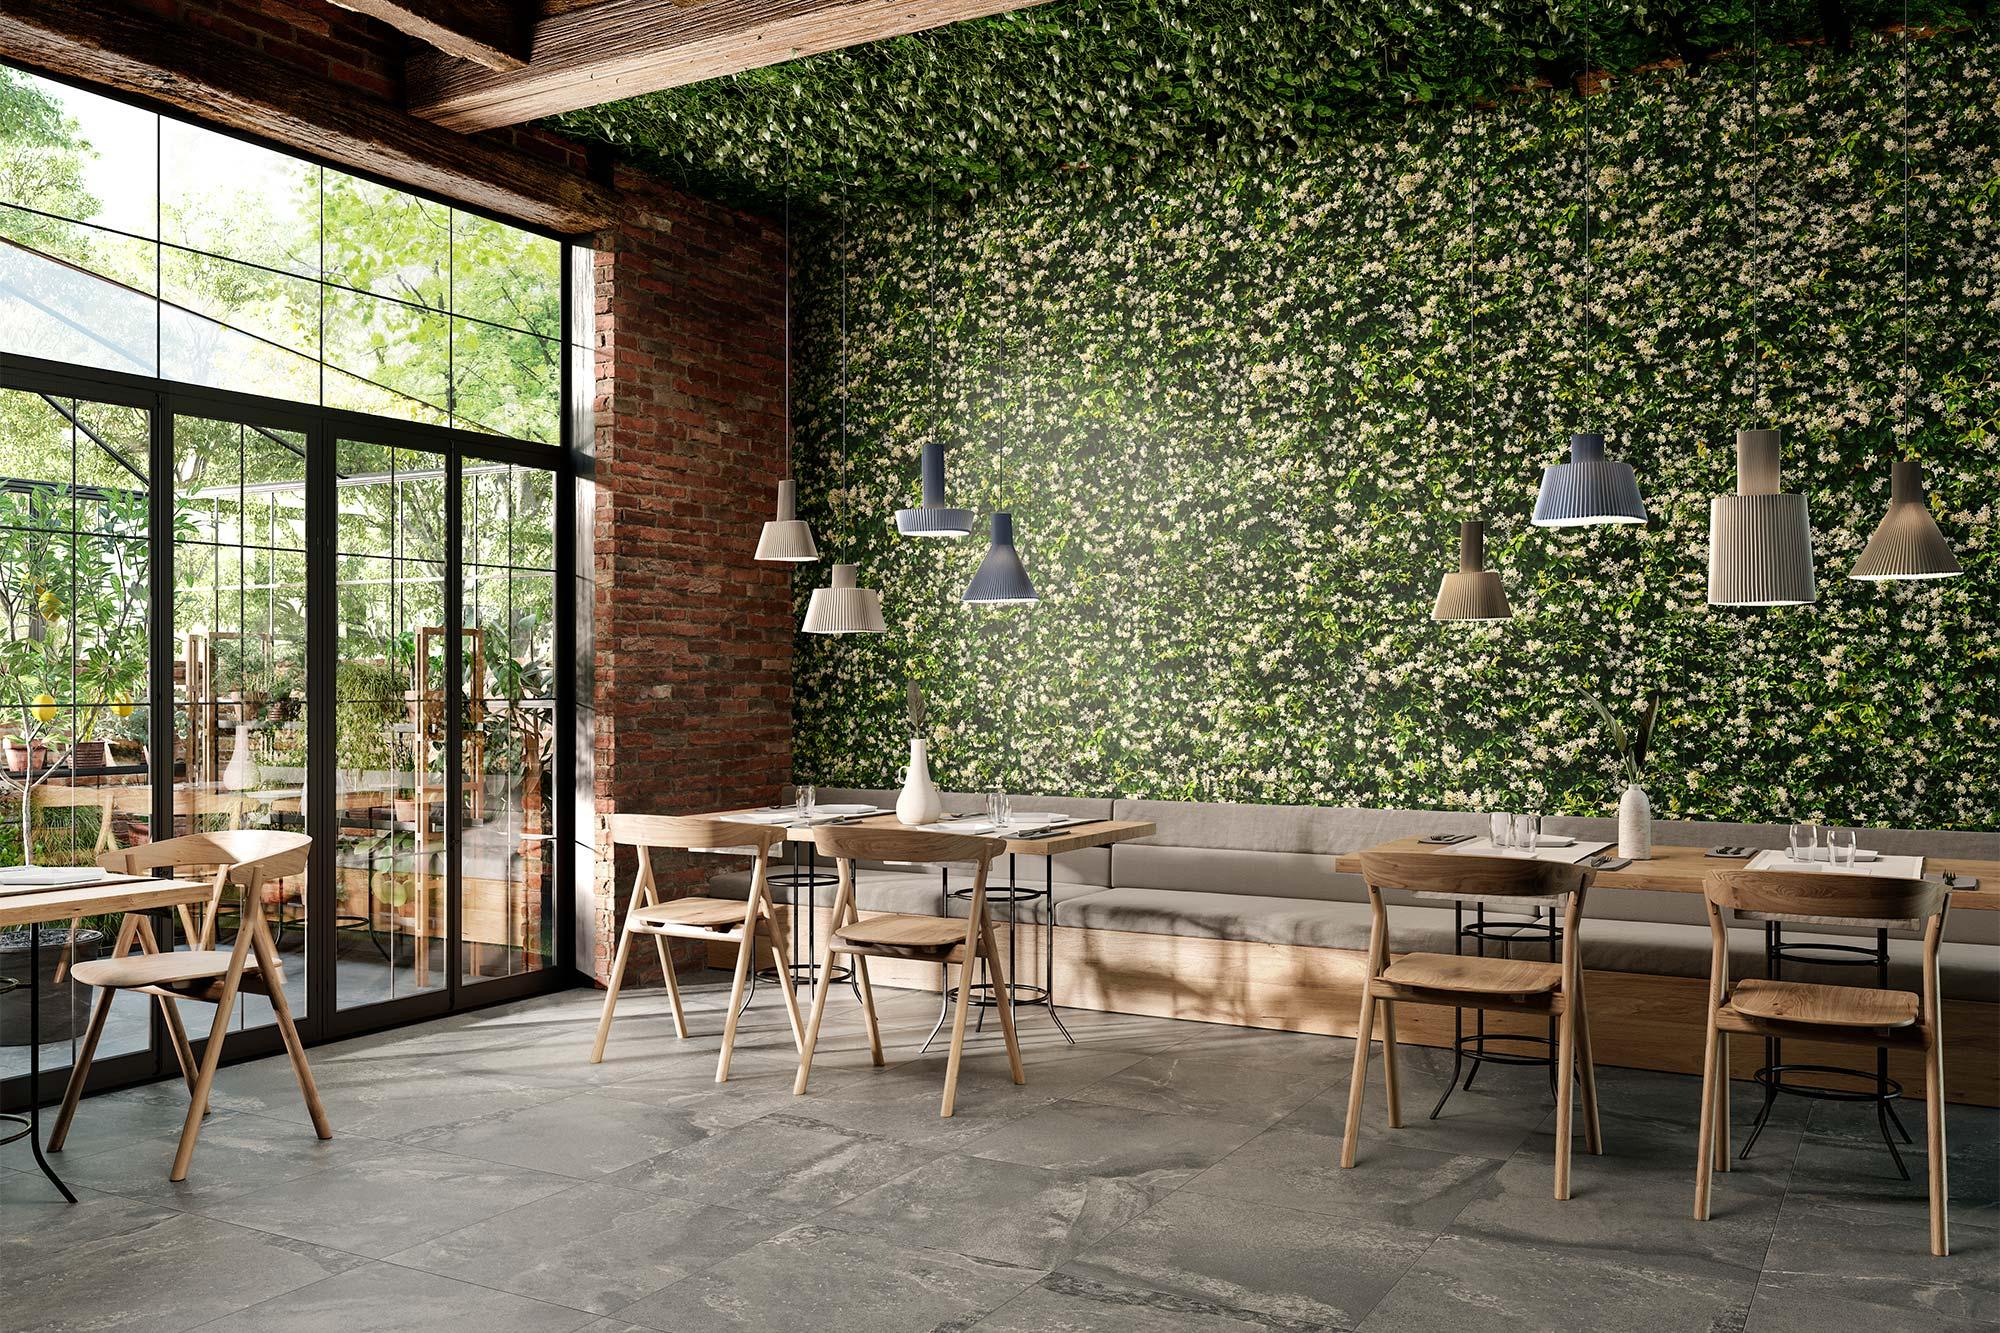 Lithos Large Format Photorealism Tile Foliage Leaves Porcelain Stoneware